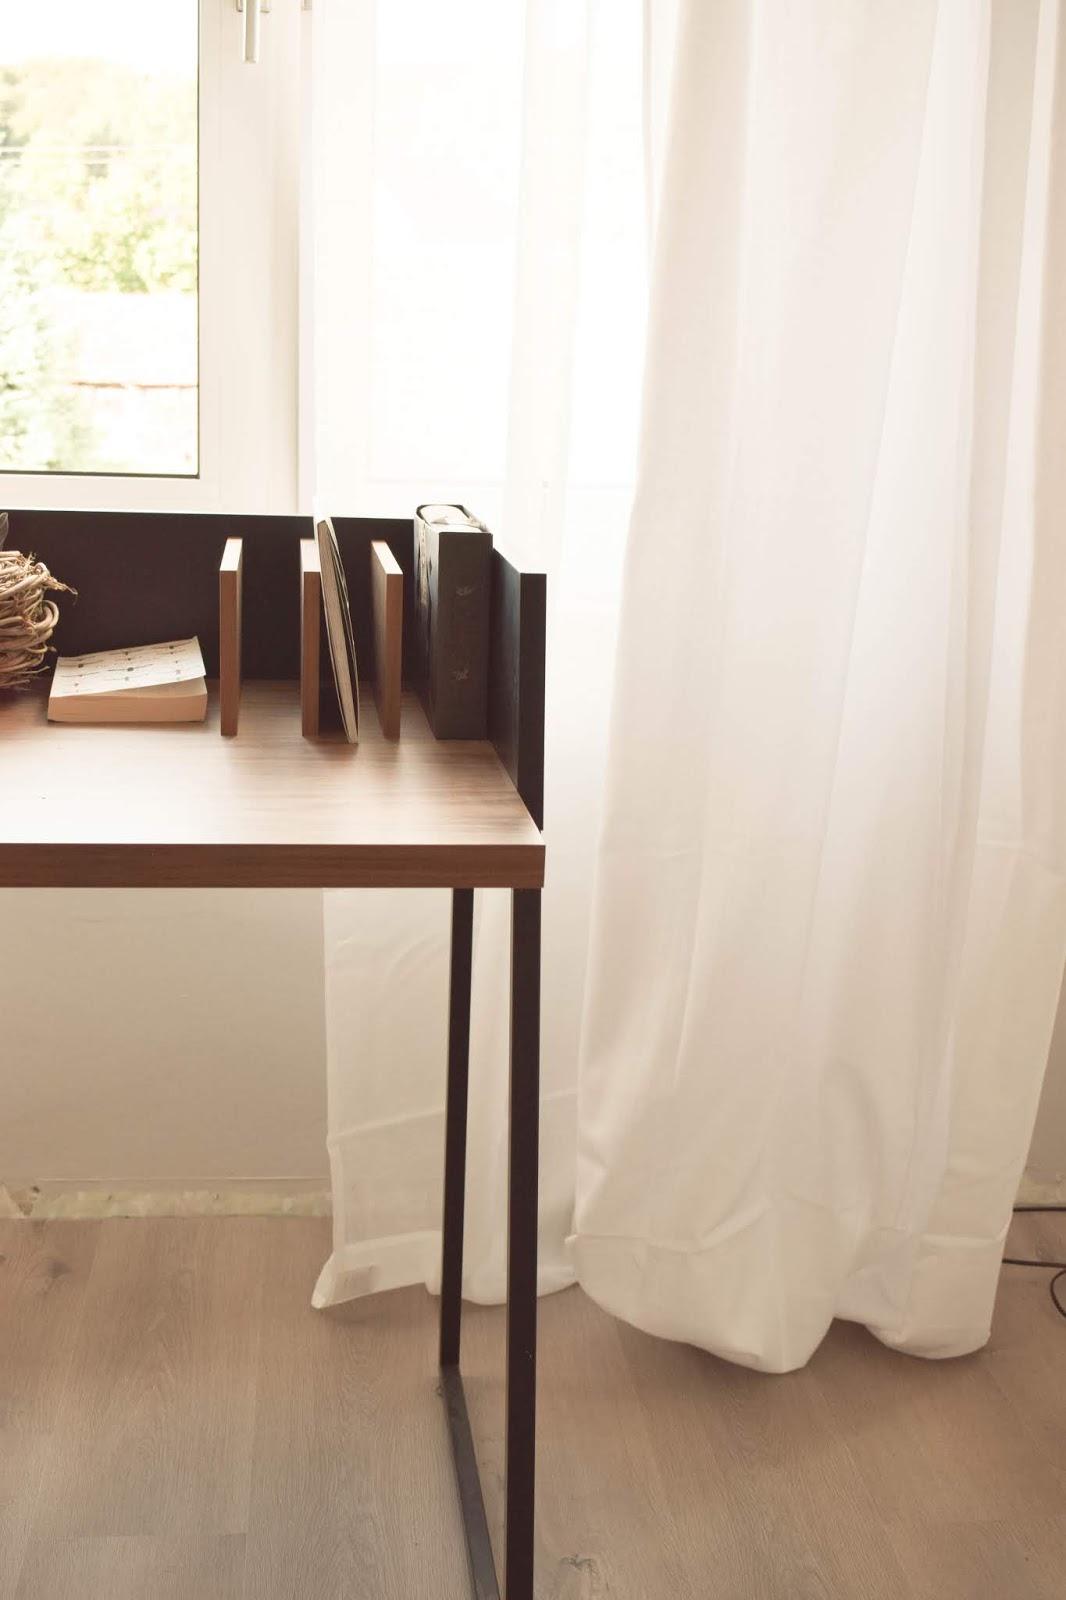 Interior Einrichtung Vorhang Schlafzimmer blickdicht Schreibtisch filigran Deko Dekoidee